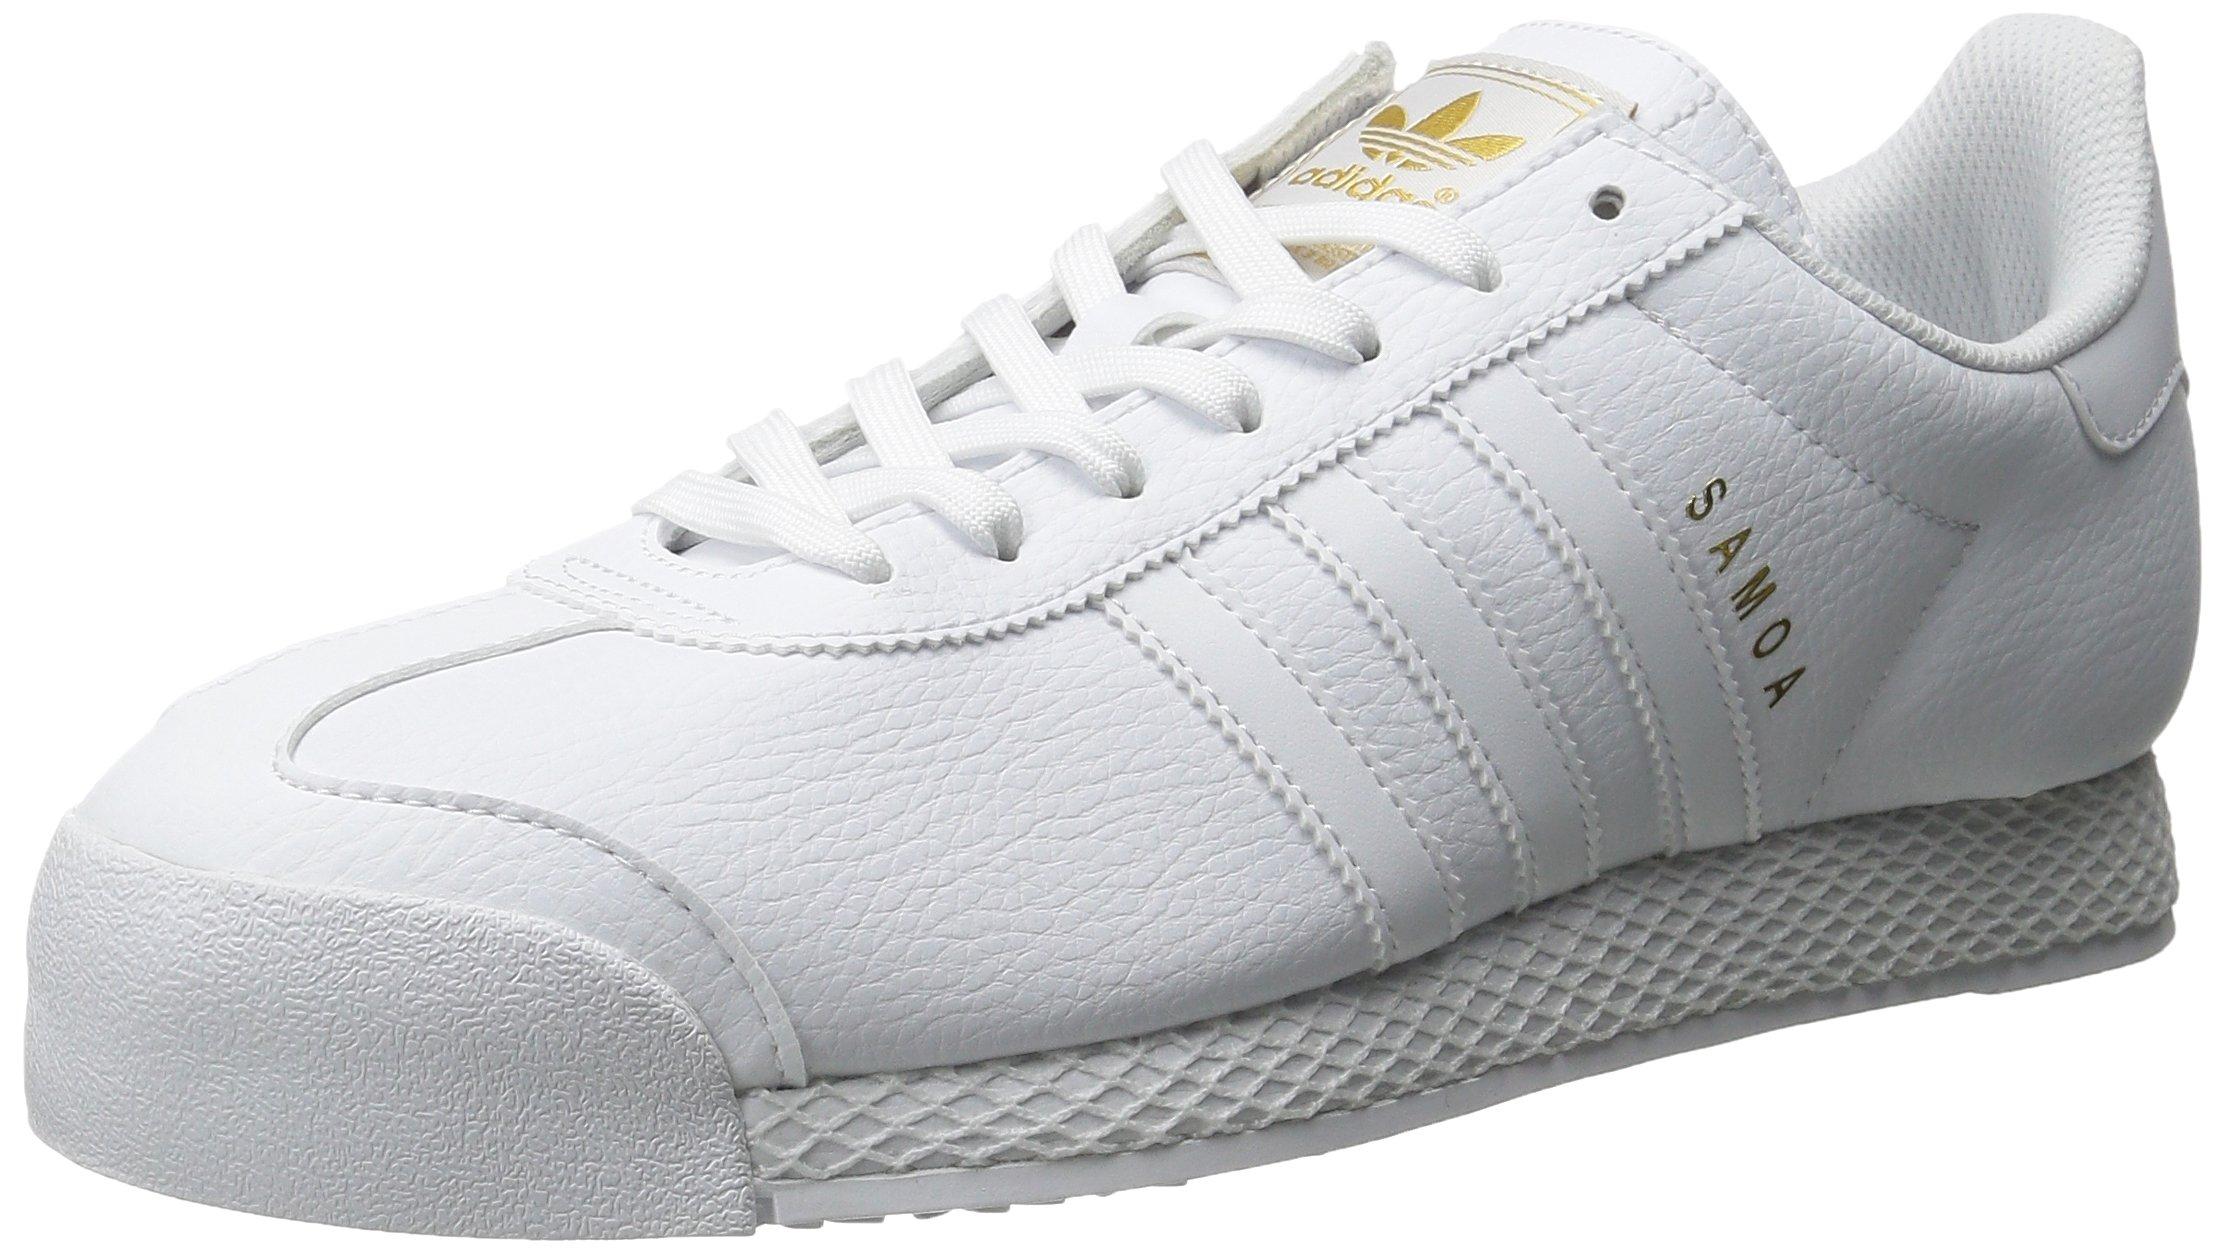 adidas Originals Men's Samoa Retro Sneaker,White/White/Gold,11 M US